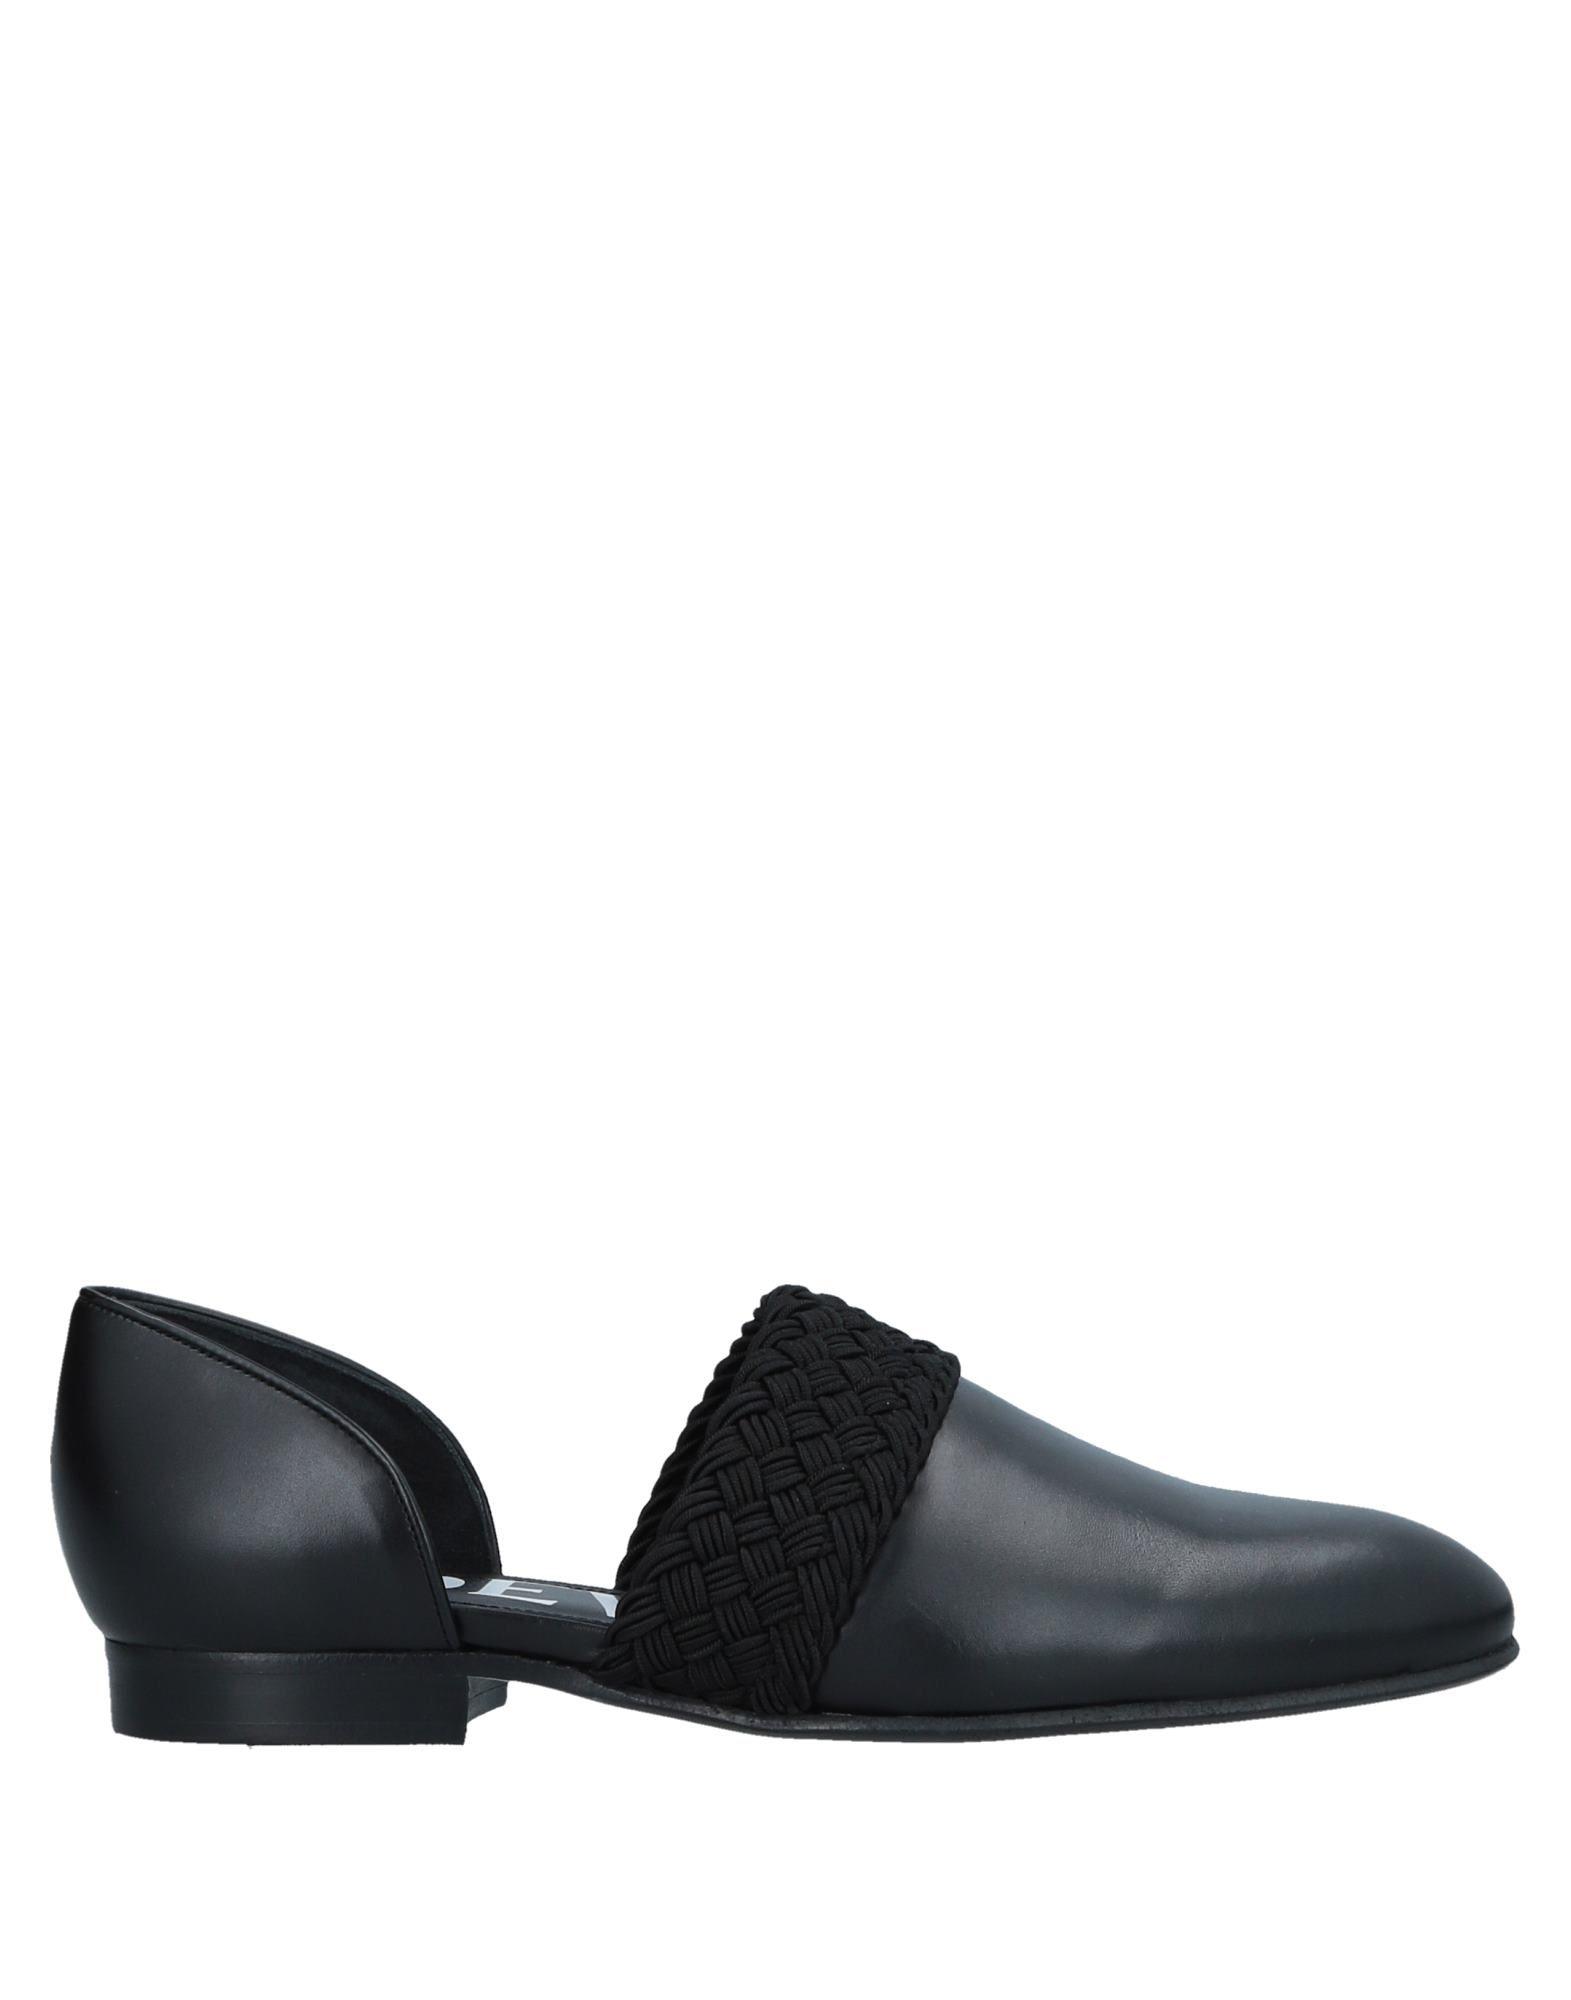 Loewe Mokassins Damen  11502246DVGut aussehende strapazierfähige Schuhe